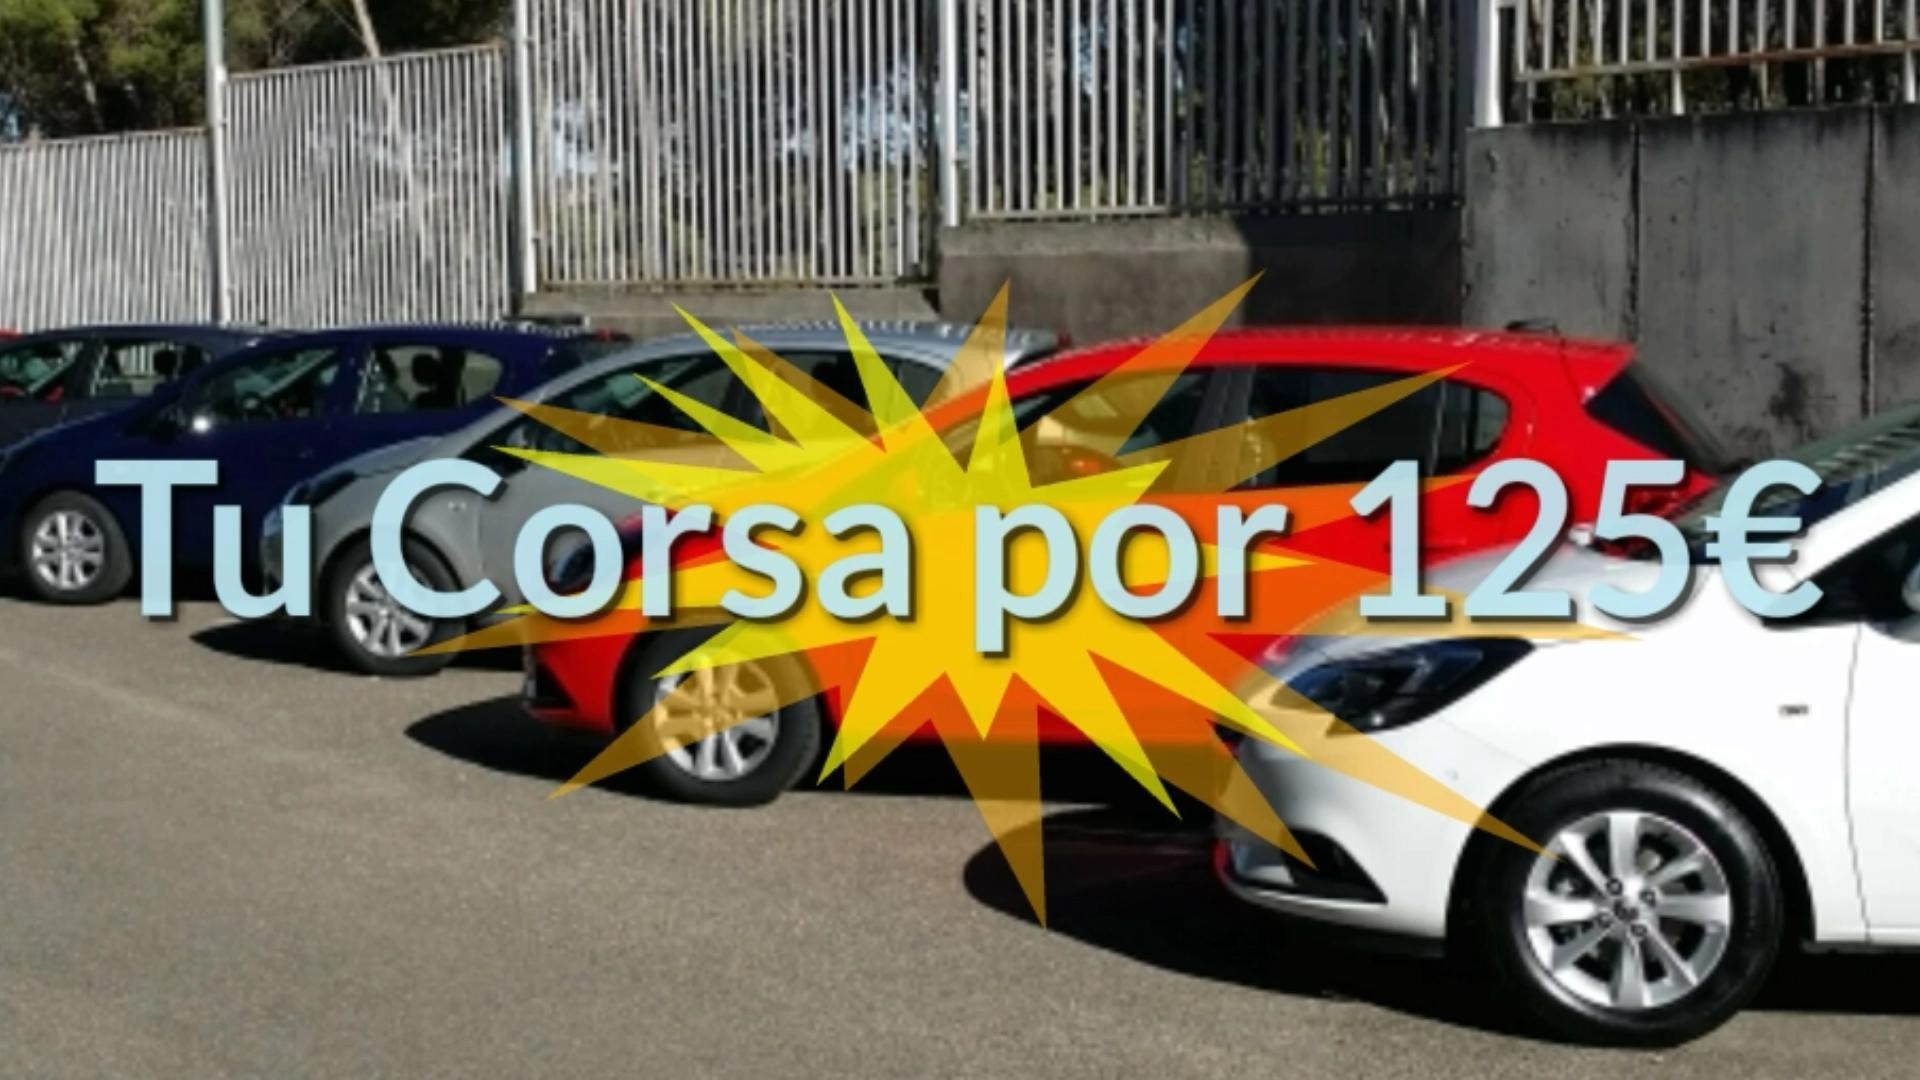 PROMO CORSA 125€